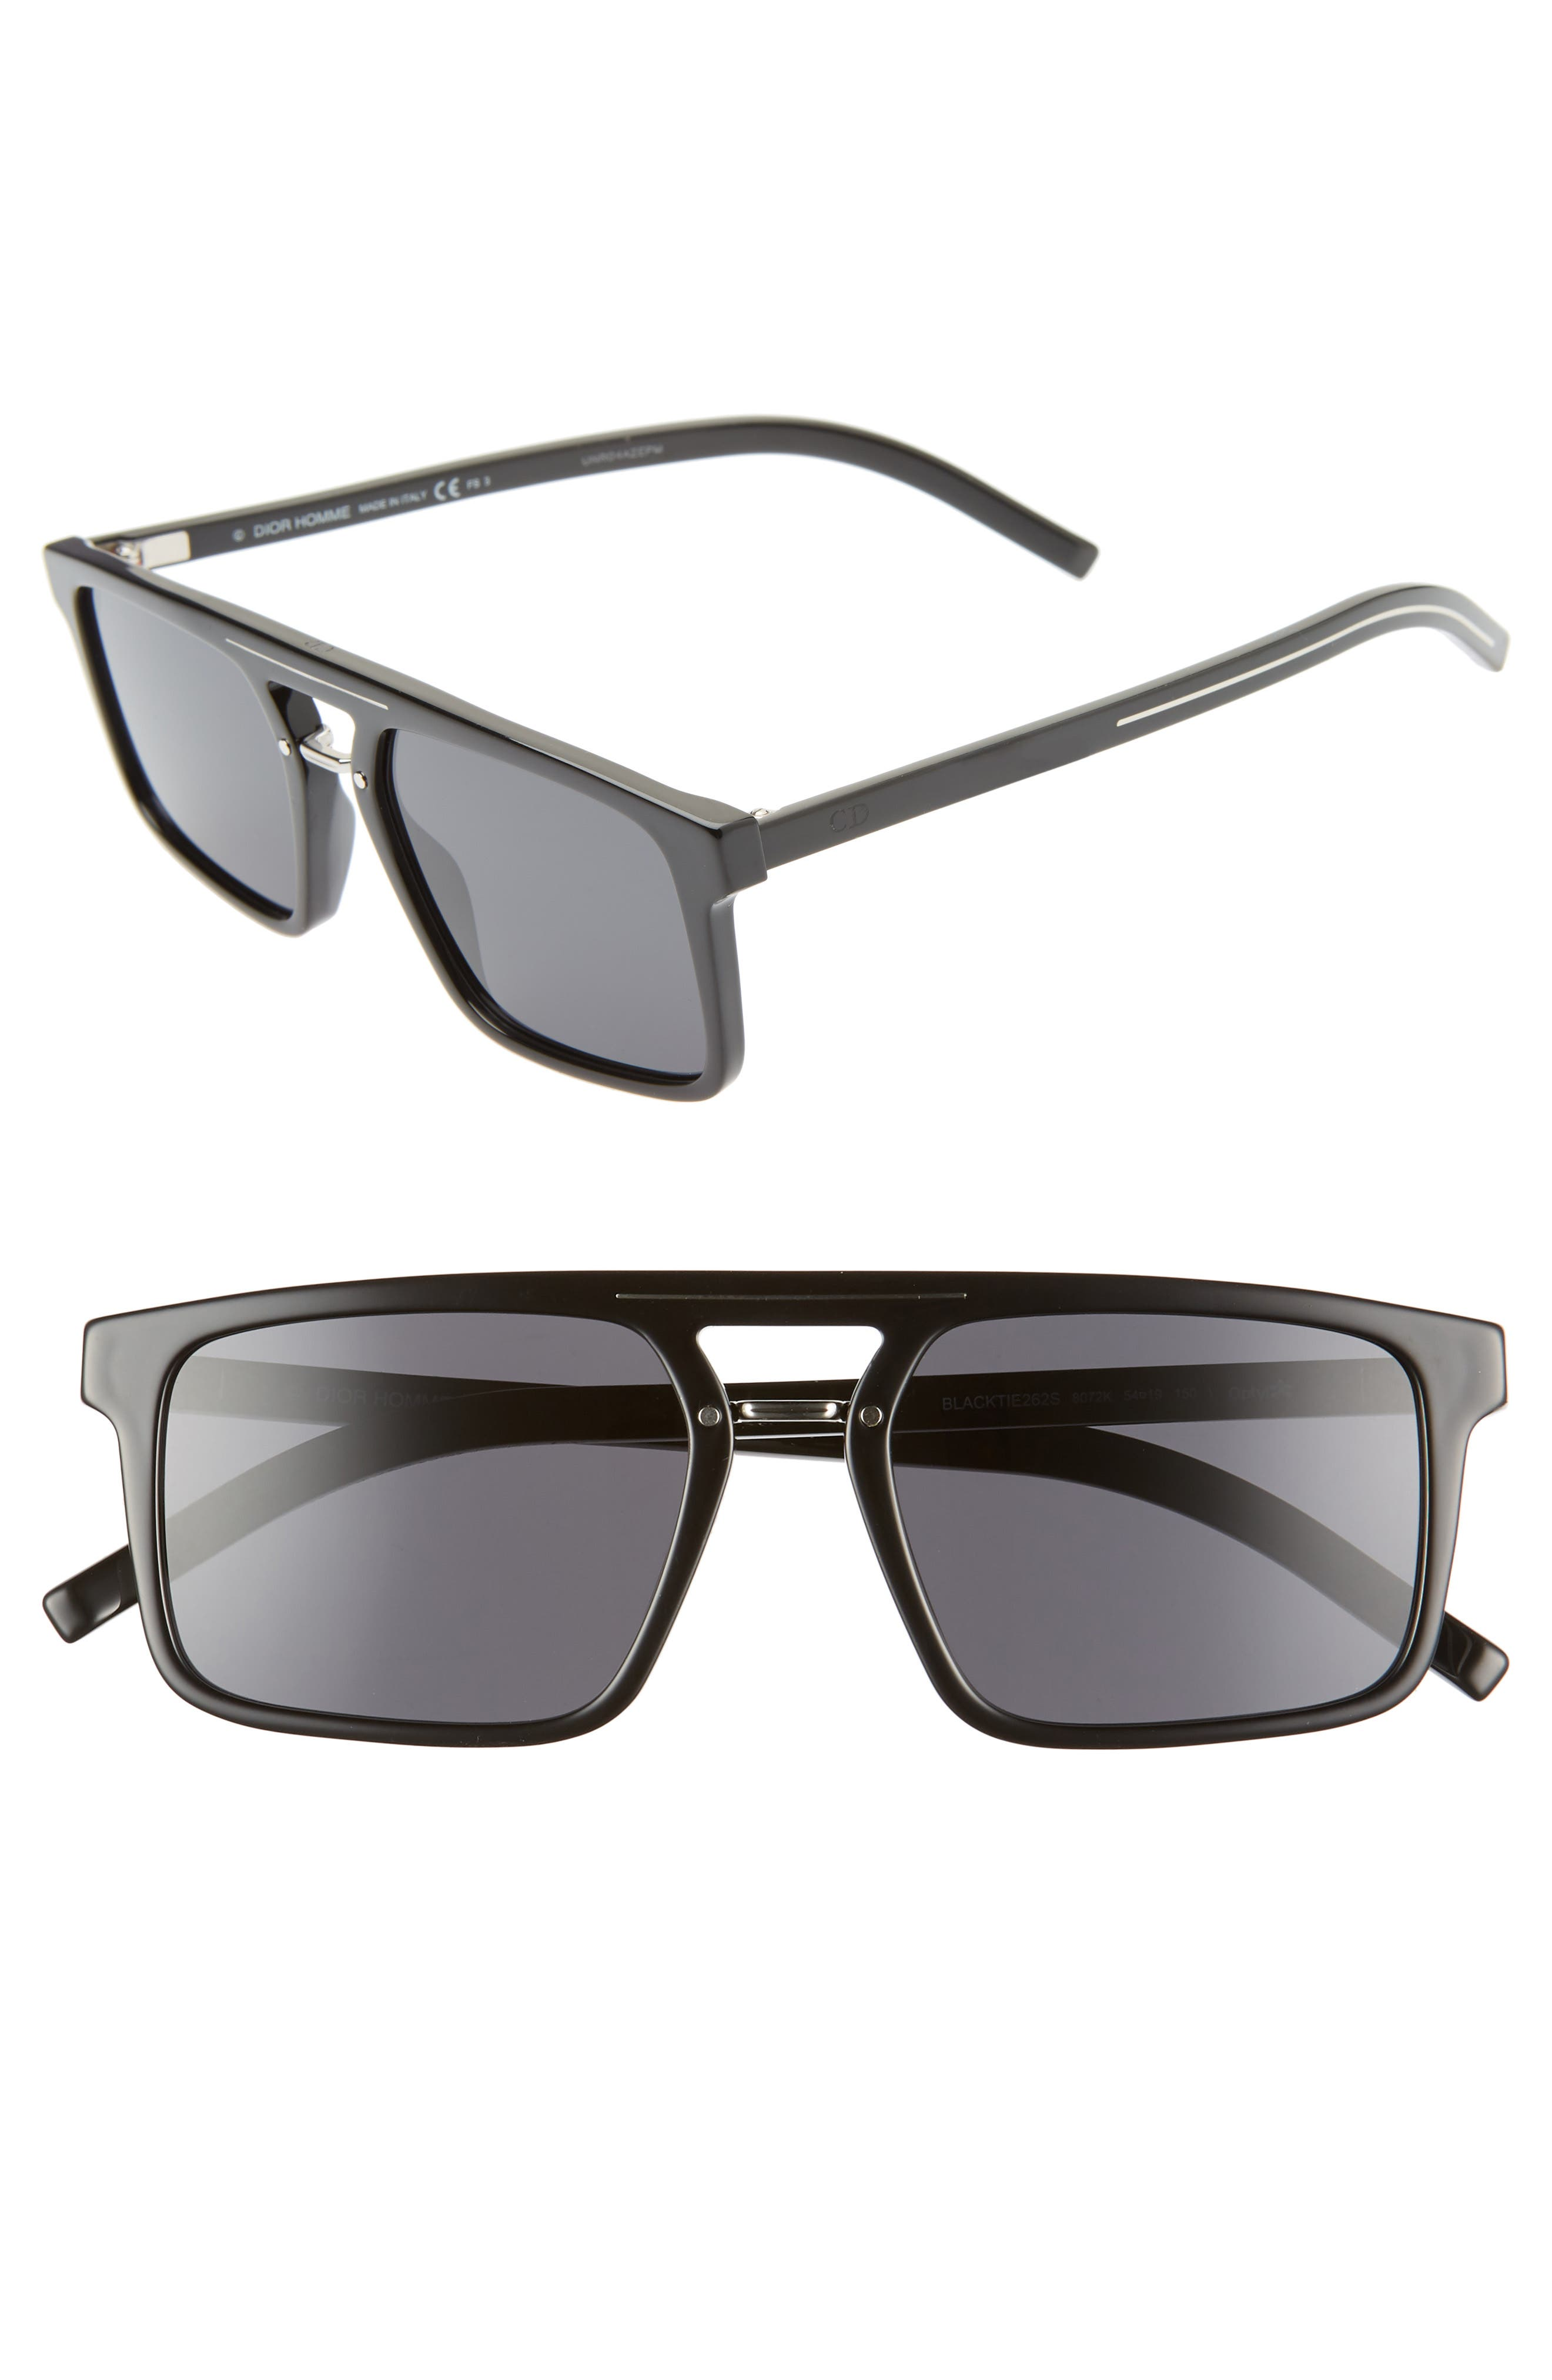 4371a8039f42 Men s Dior Sunglasses   Eyeglasses